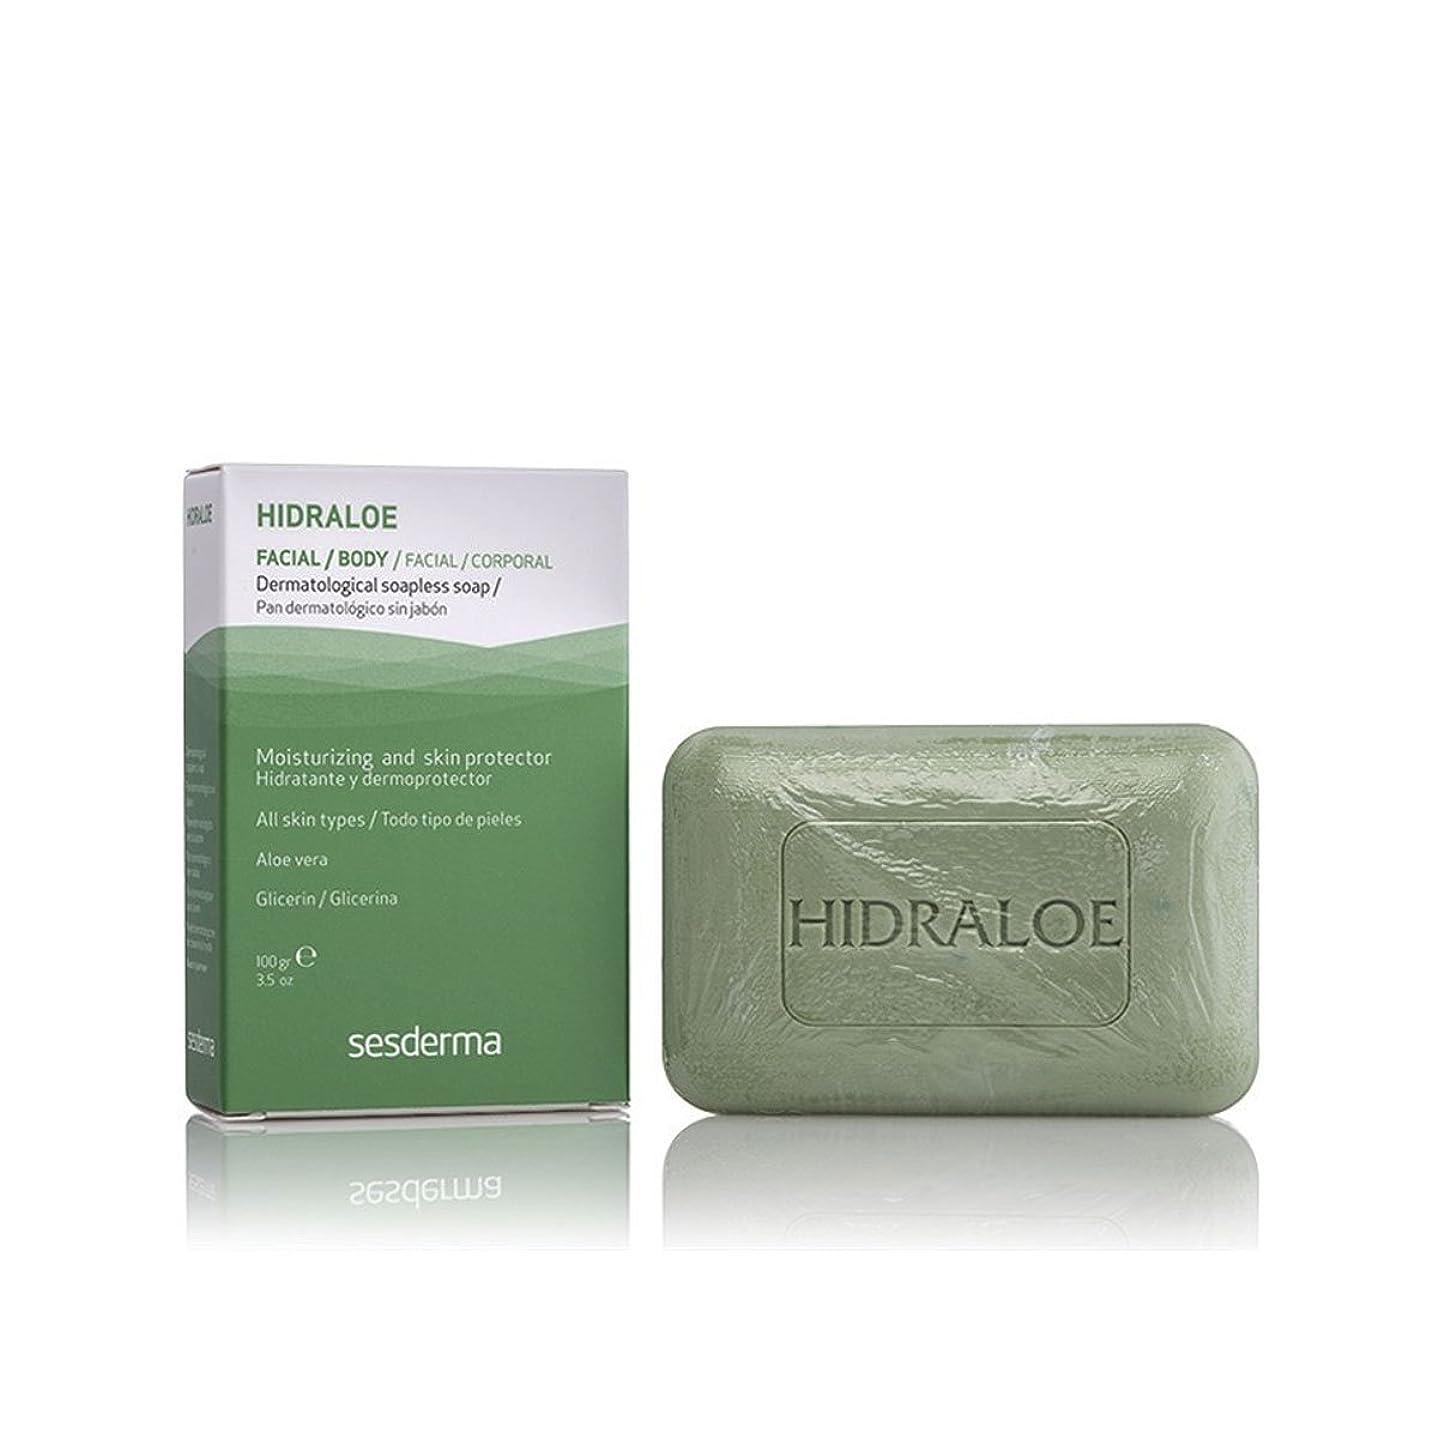 サラダジェット魅了するSesderma Hidraloe Dermatological Soapless Soap 100gr [並行輸入品]